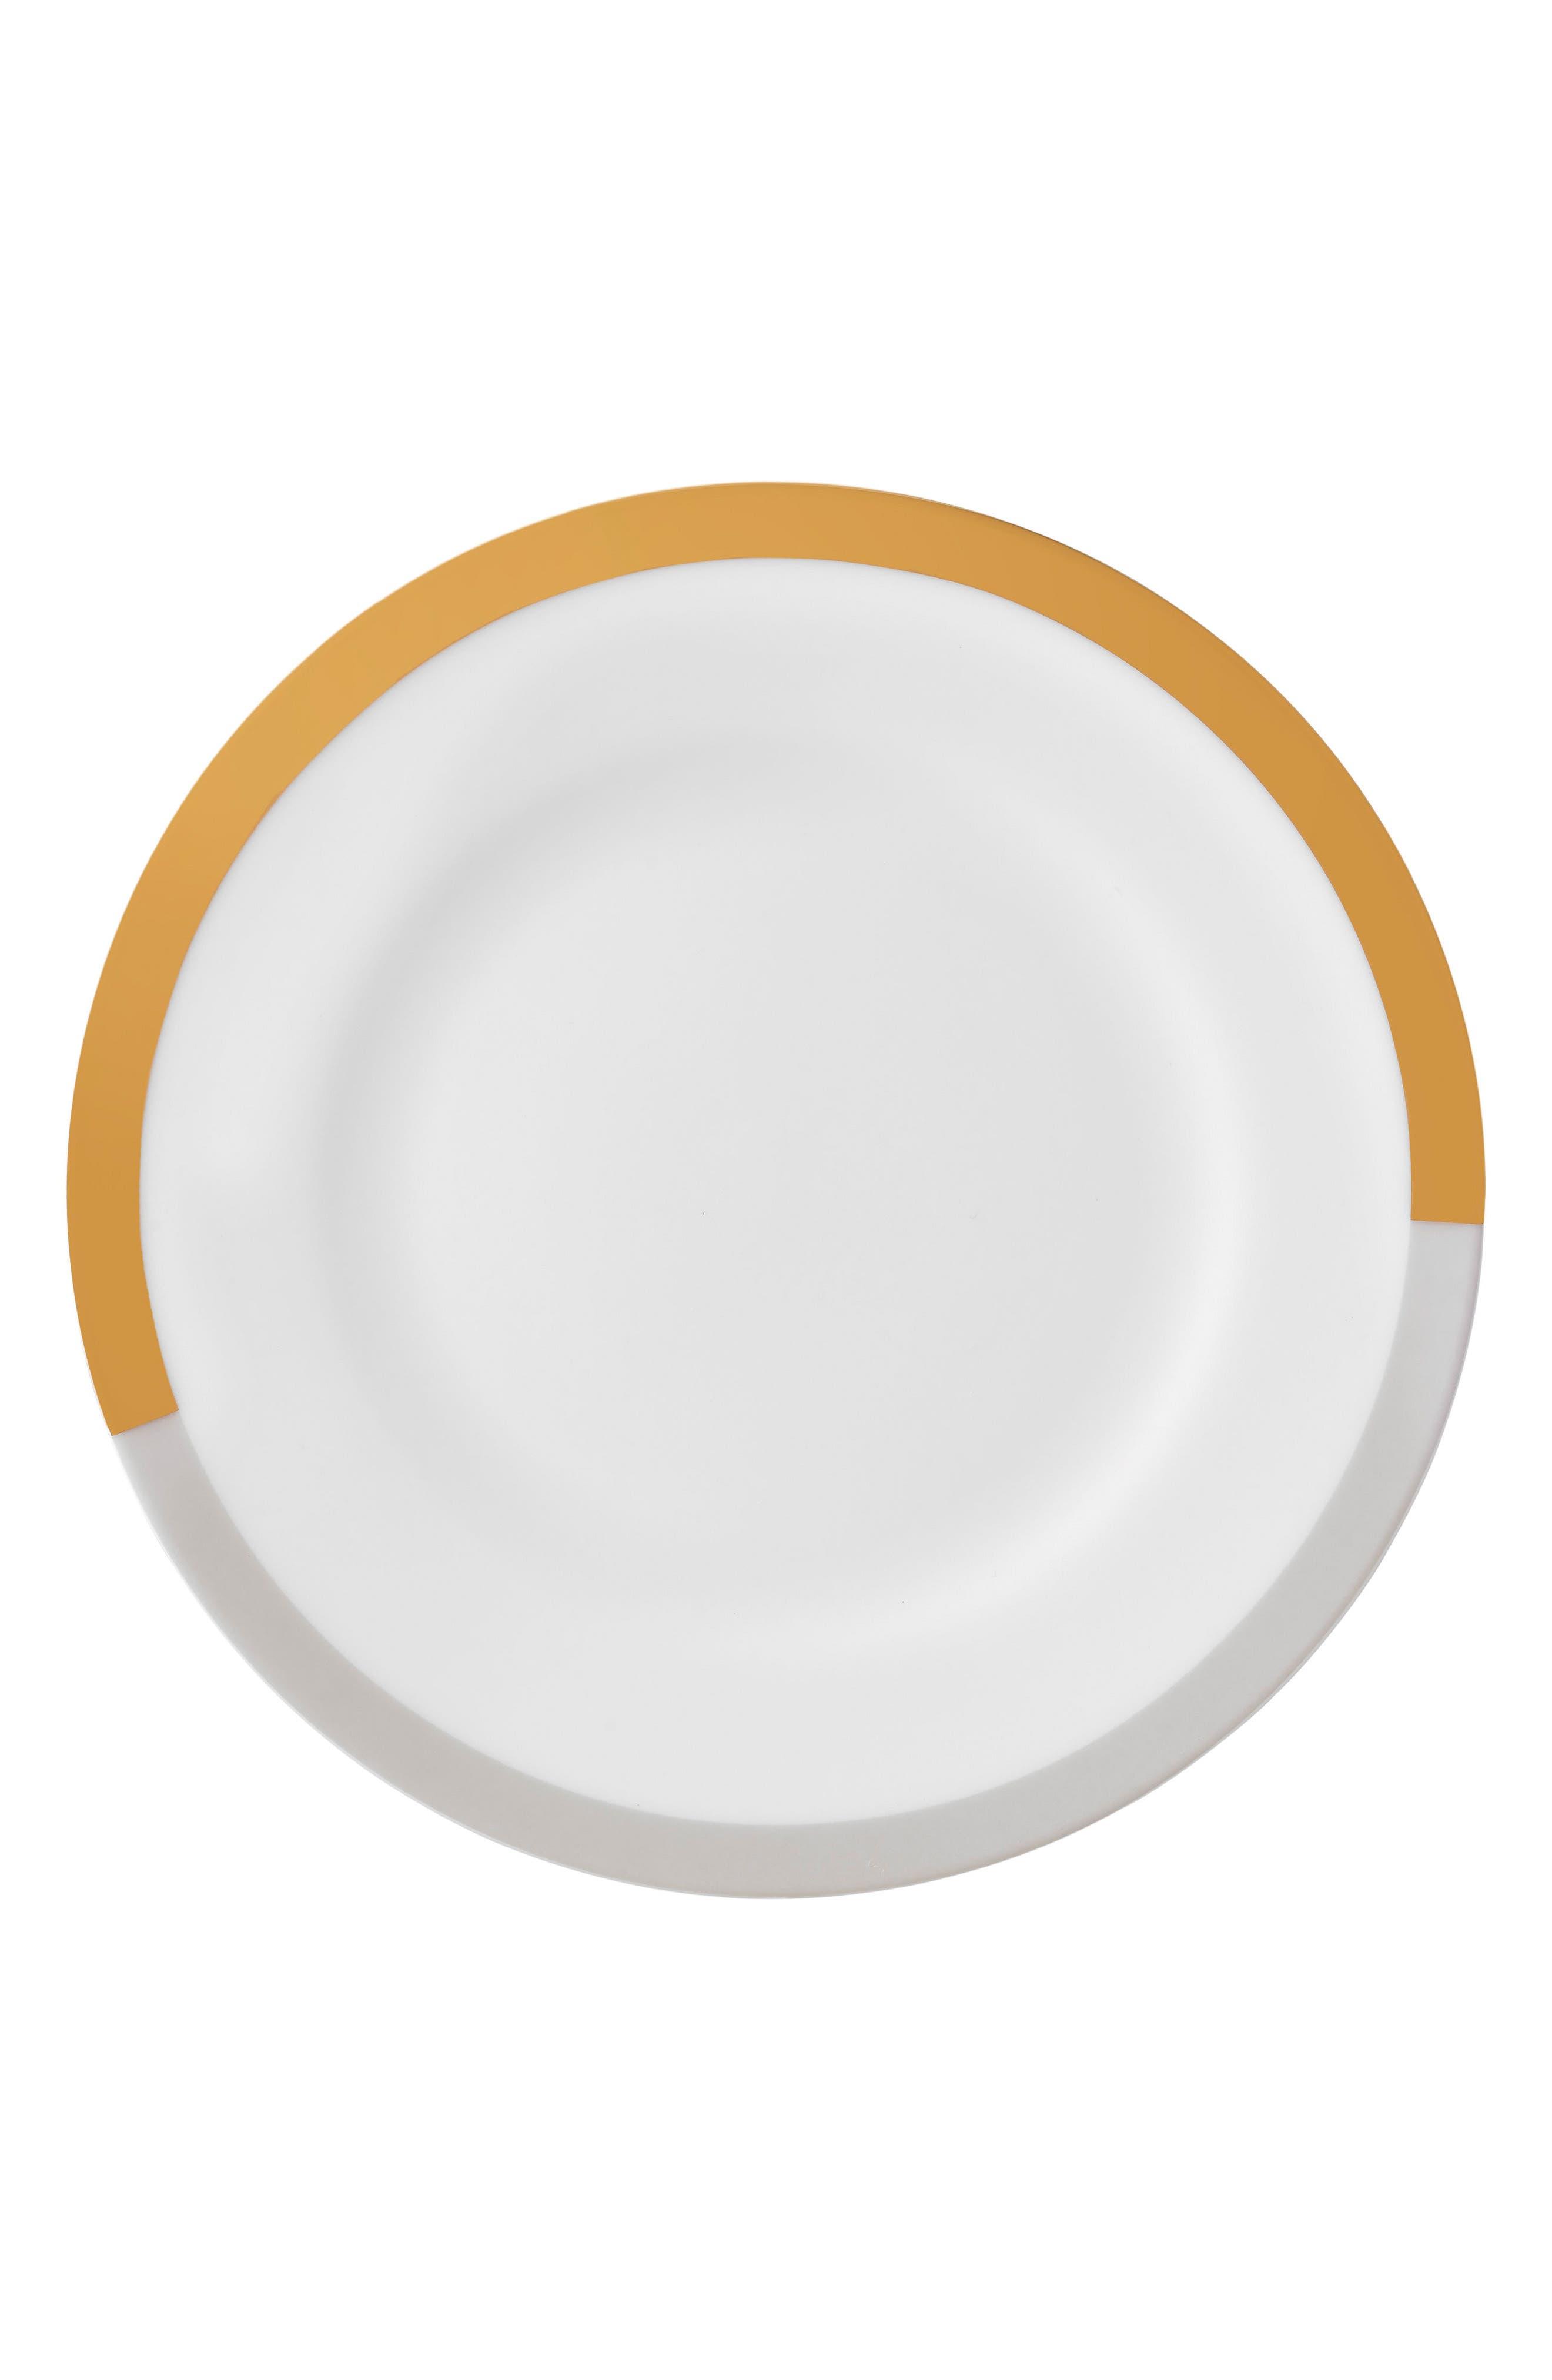 Main Image - Vera Wang x Wedgwood Castillon Bone China Salad Plate